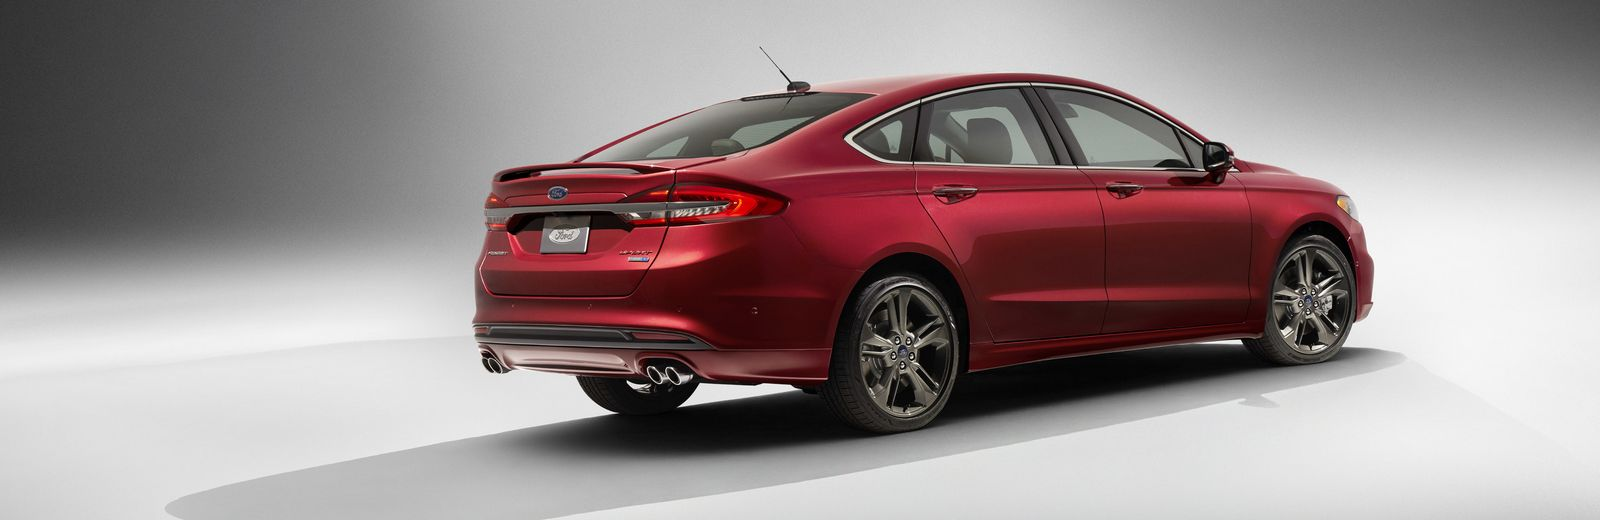 Ford Mondeo được trang bị động cơ EcoBoost V6 mạnh mẽ